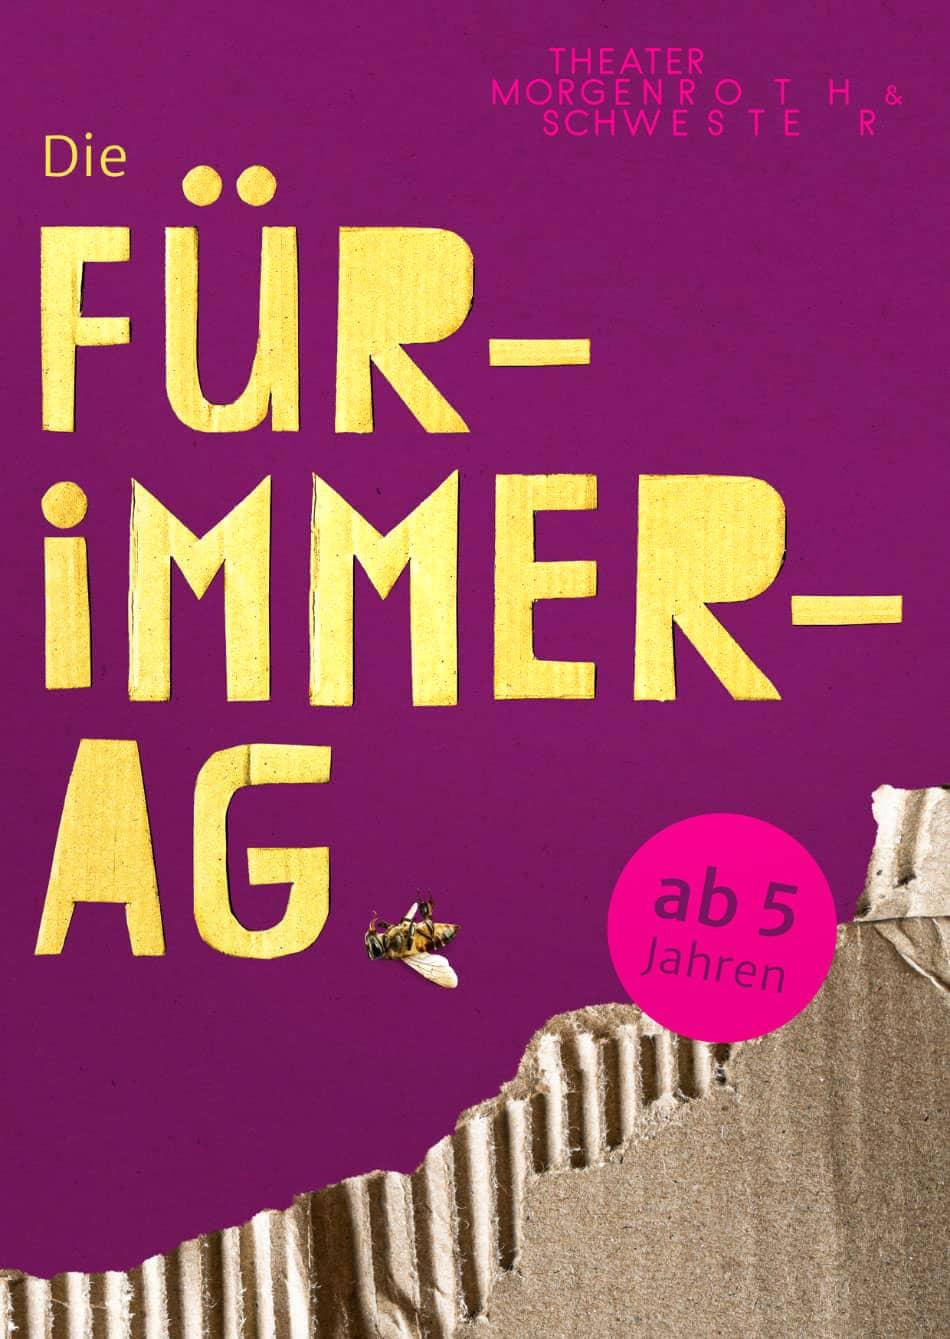 Flyer Für-Immer-AG